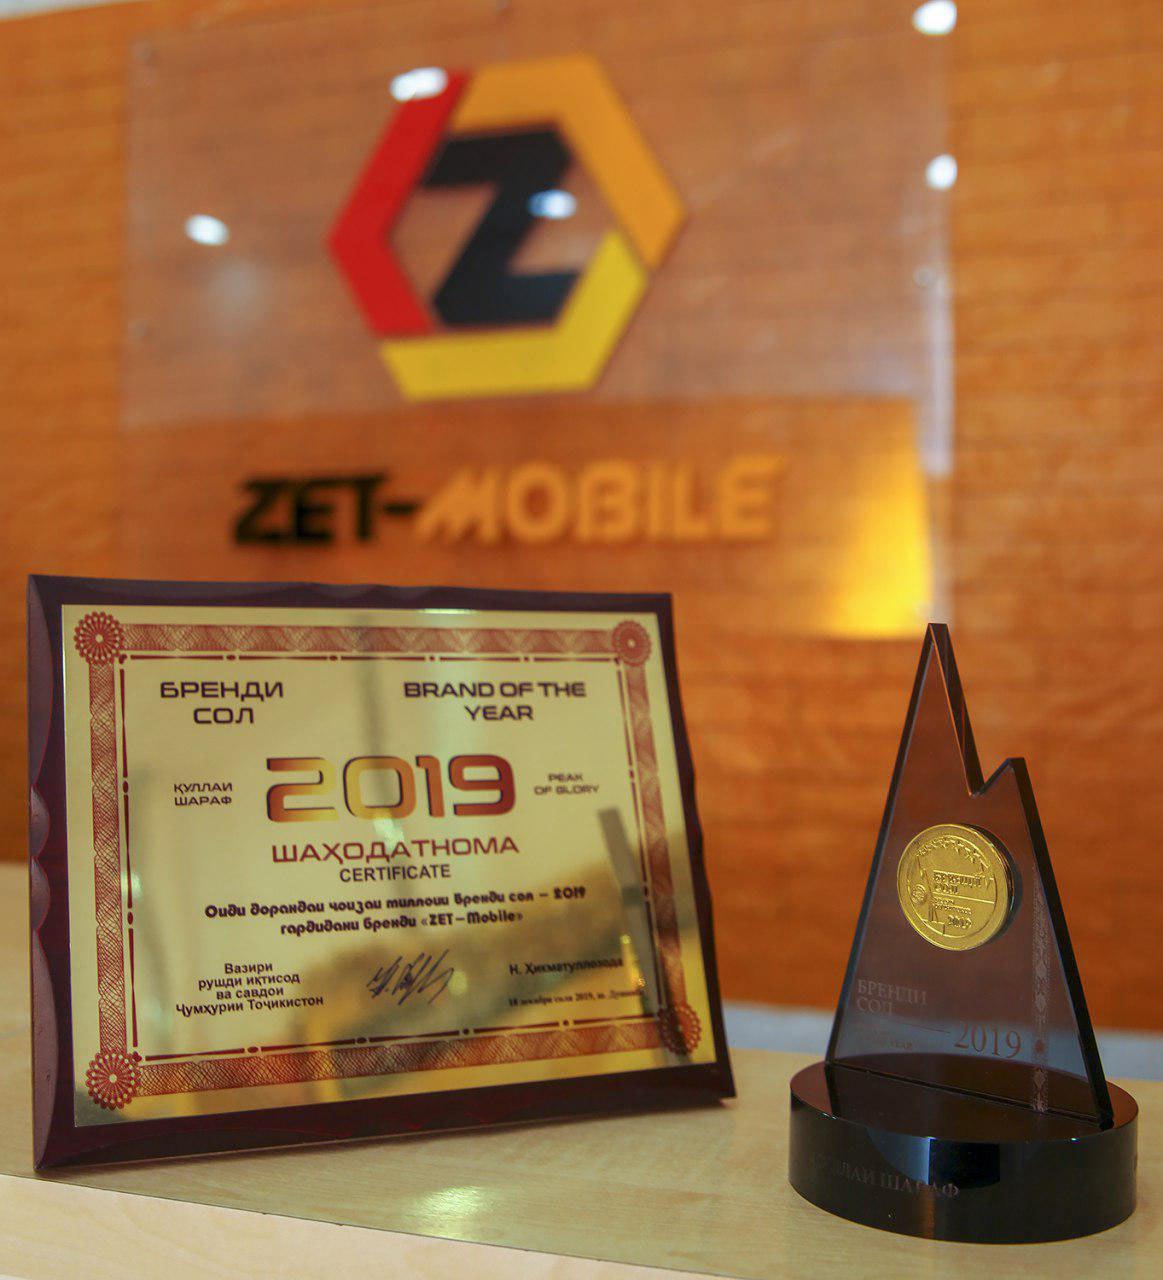 ZET -MOBILE удостоен самой высокой наградой среди профессионалов и потребителей в Таджикистане – «Брэнд года 2019»